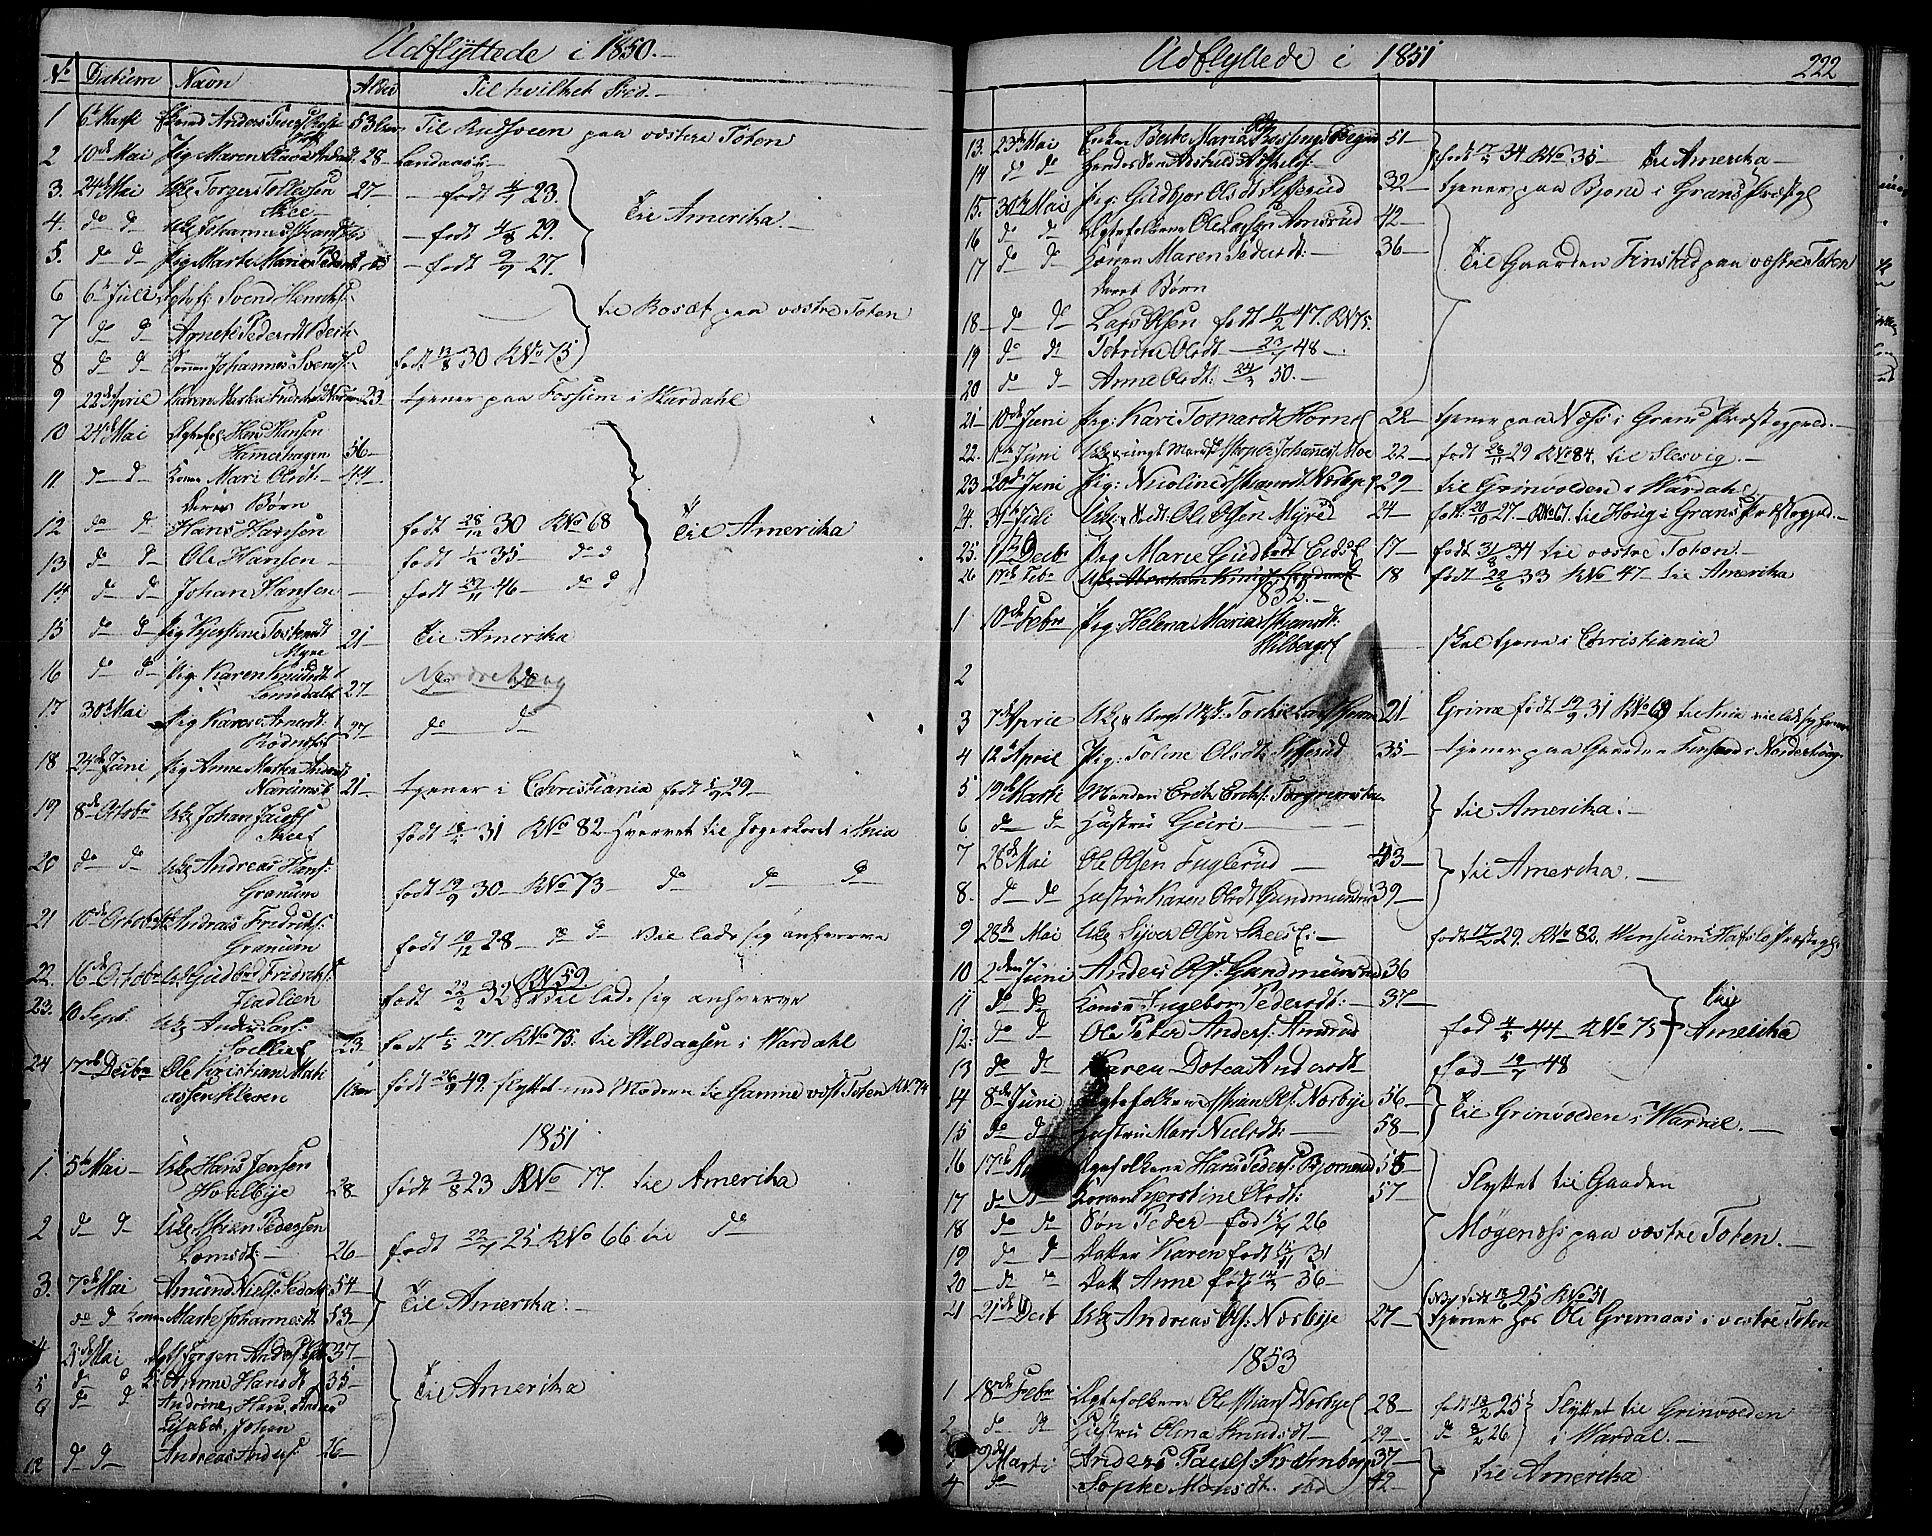 SAH, Søndre Land prestekontor, L/L0001: Parish register (copy) no. 1, 1849-1883, p. 222